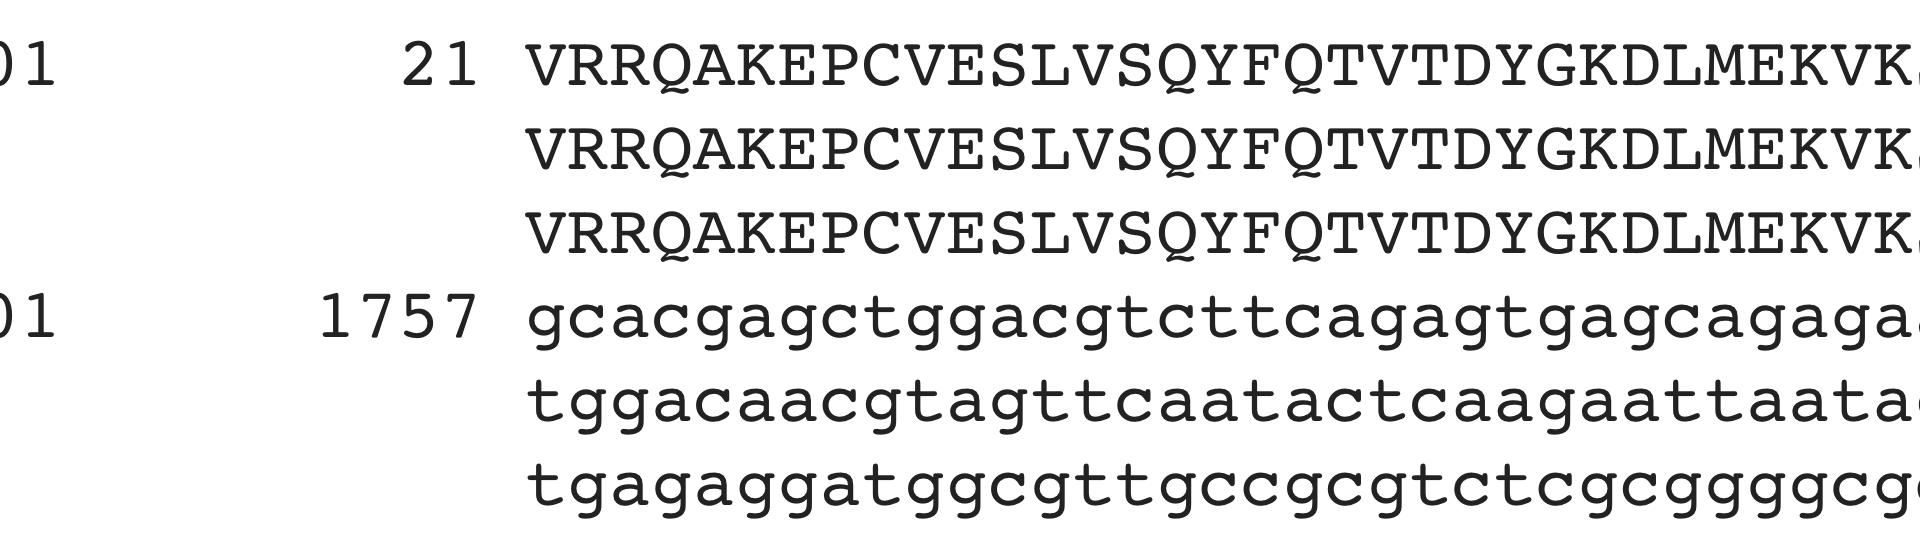 DNA Analysis--Genome Analysis (3).png